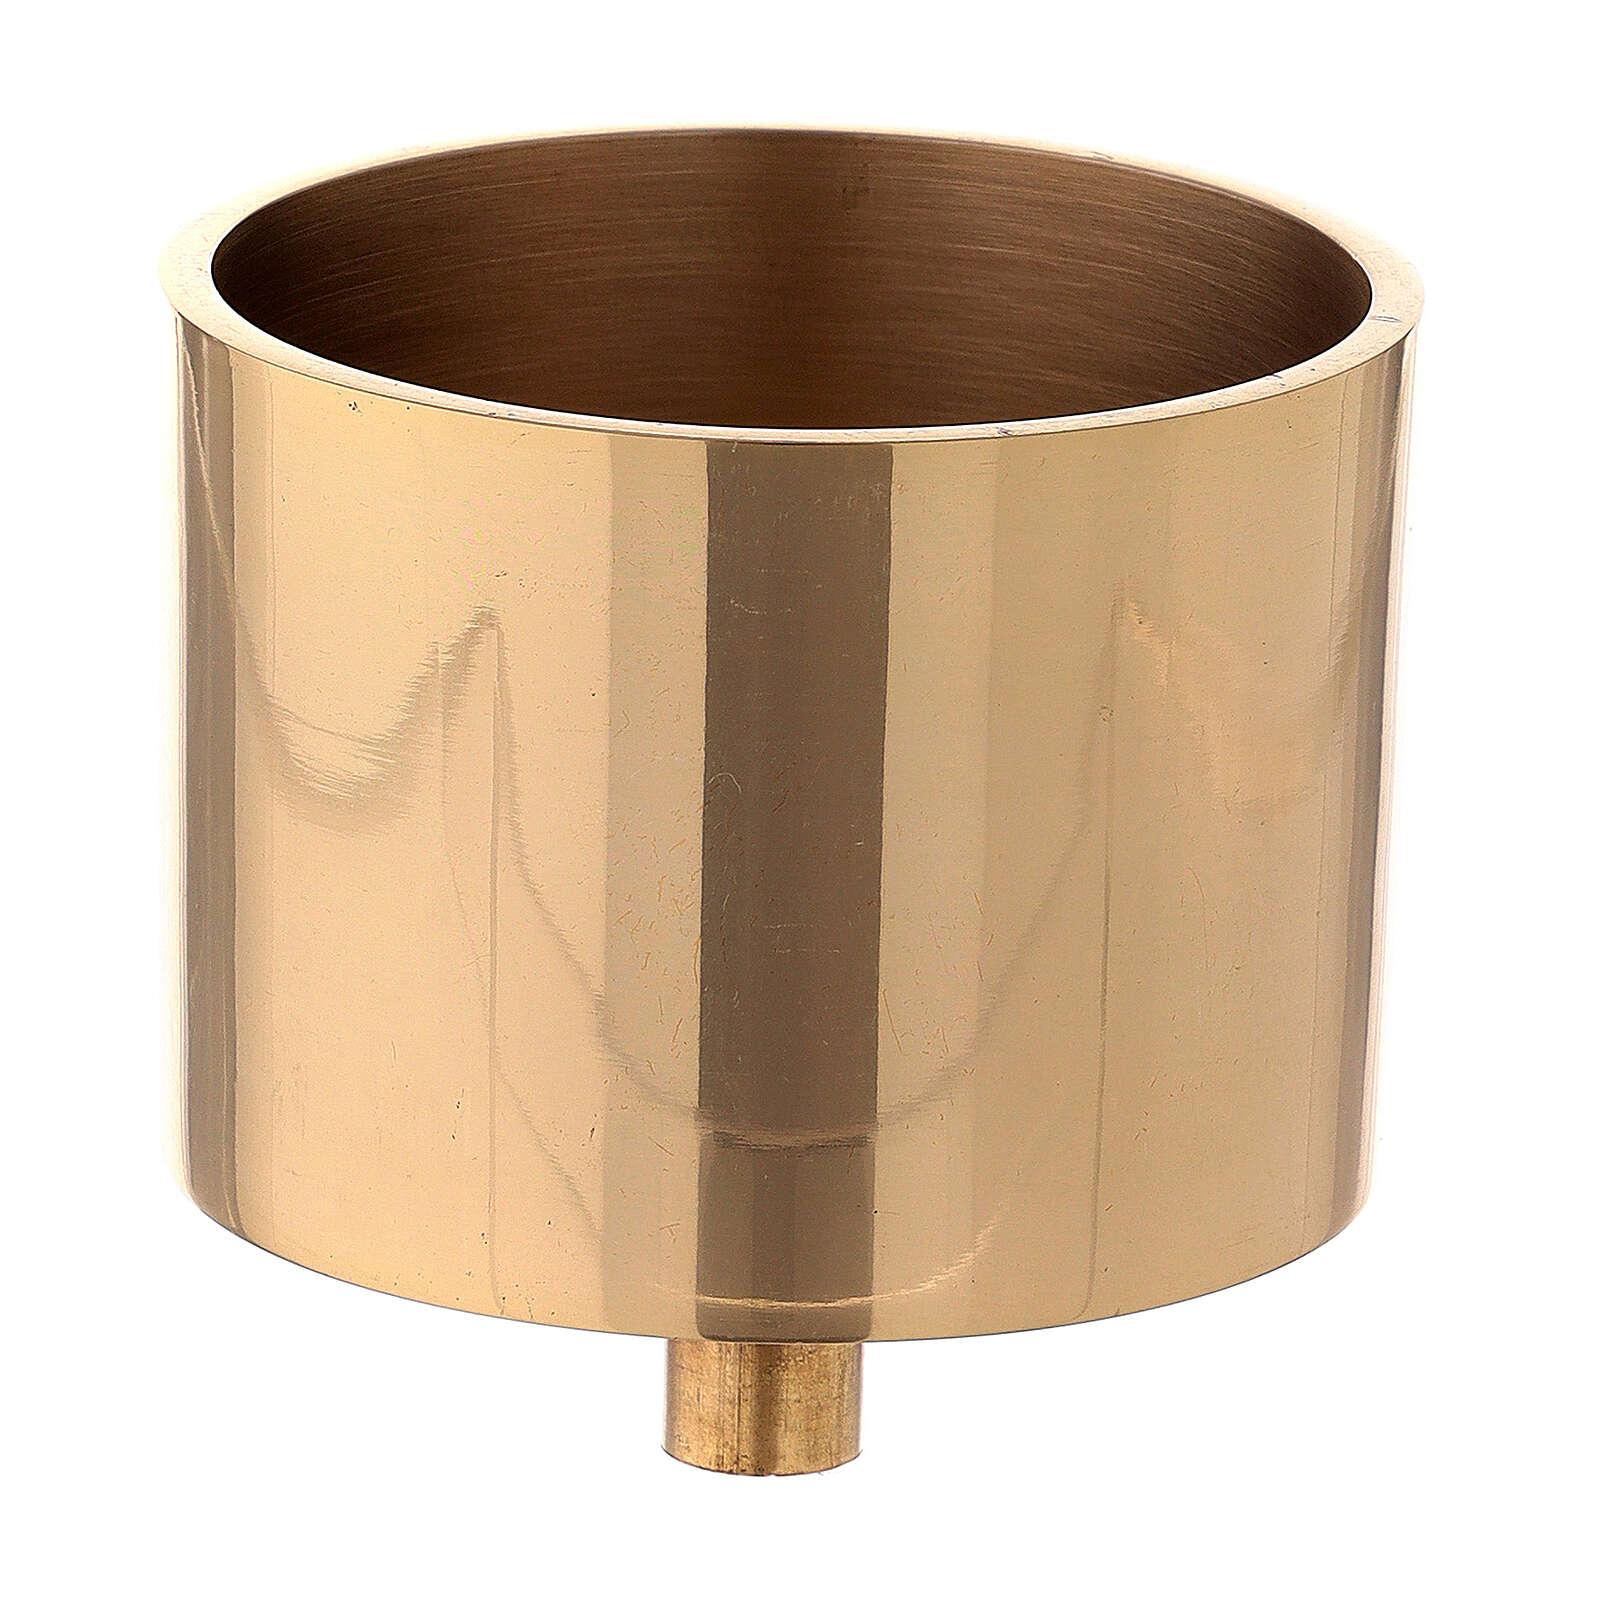 Bossolo per candeliere ottone dorato 7 cm 4